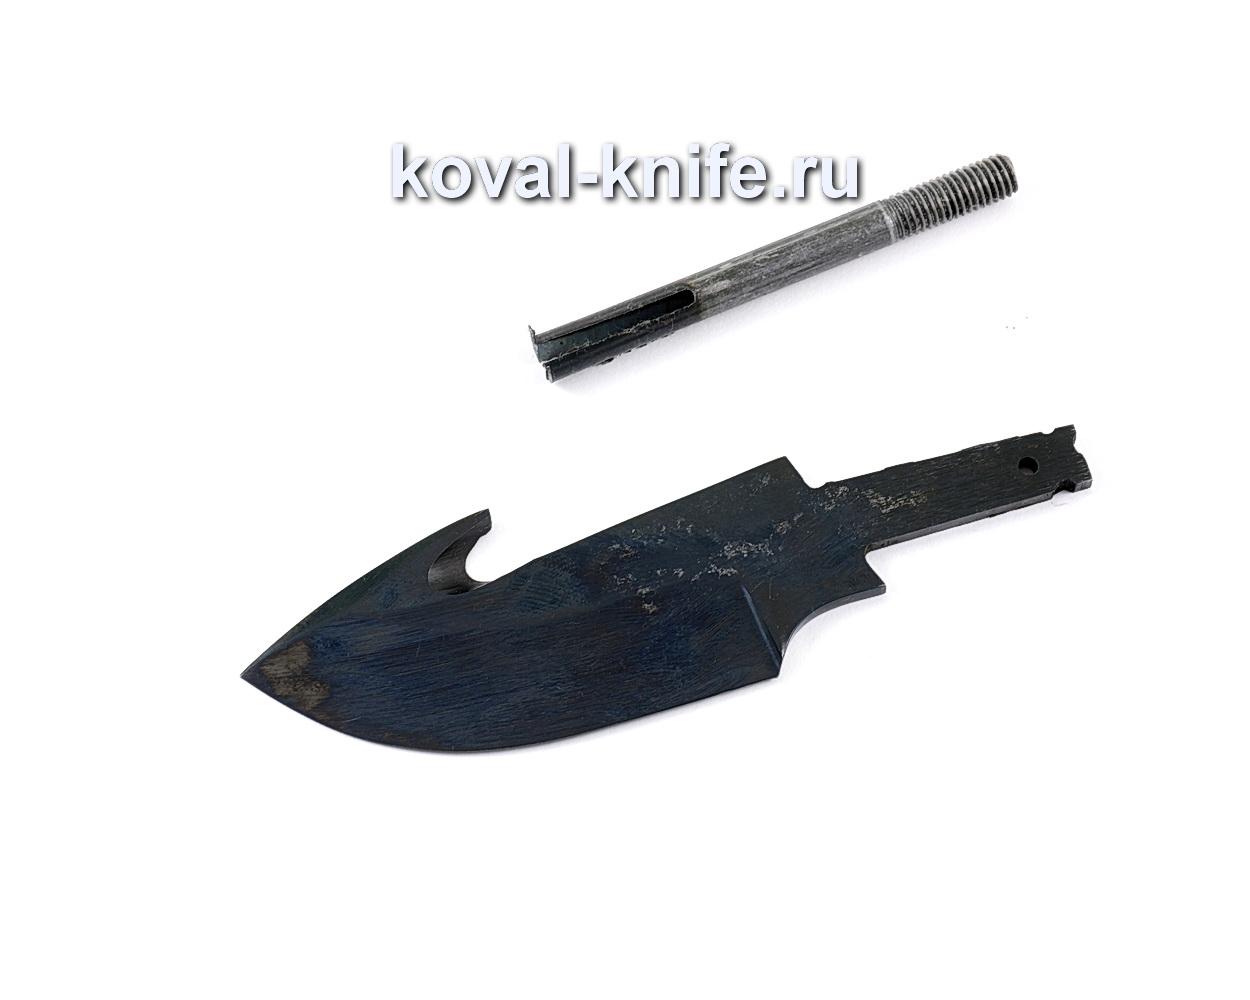 Клинок для ножа Стропорез (кованая сталь У10)